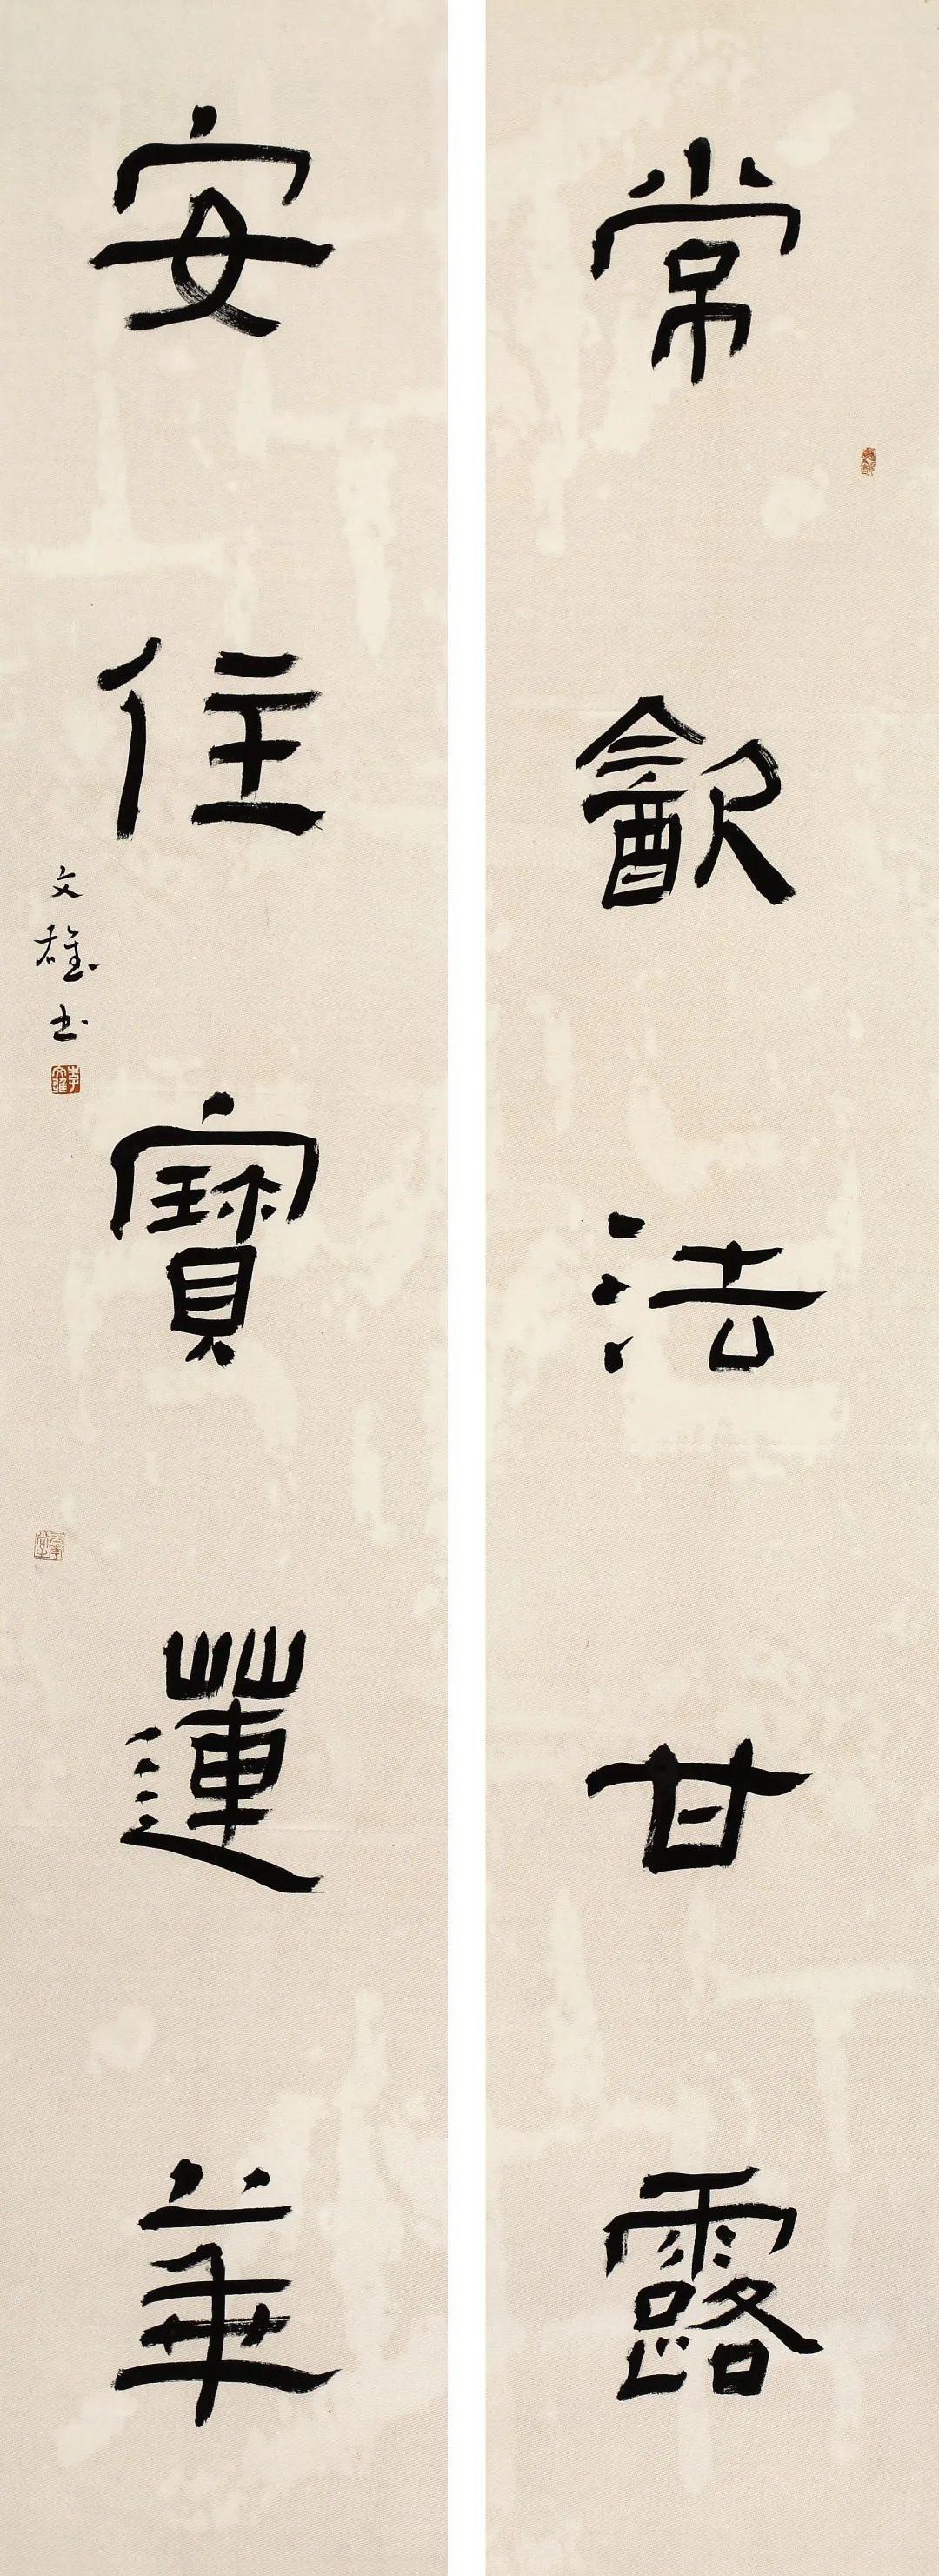 广东省书法家协会会员、广州市花都区书法家协会秘书长李文雄